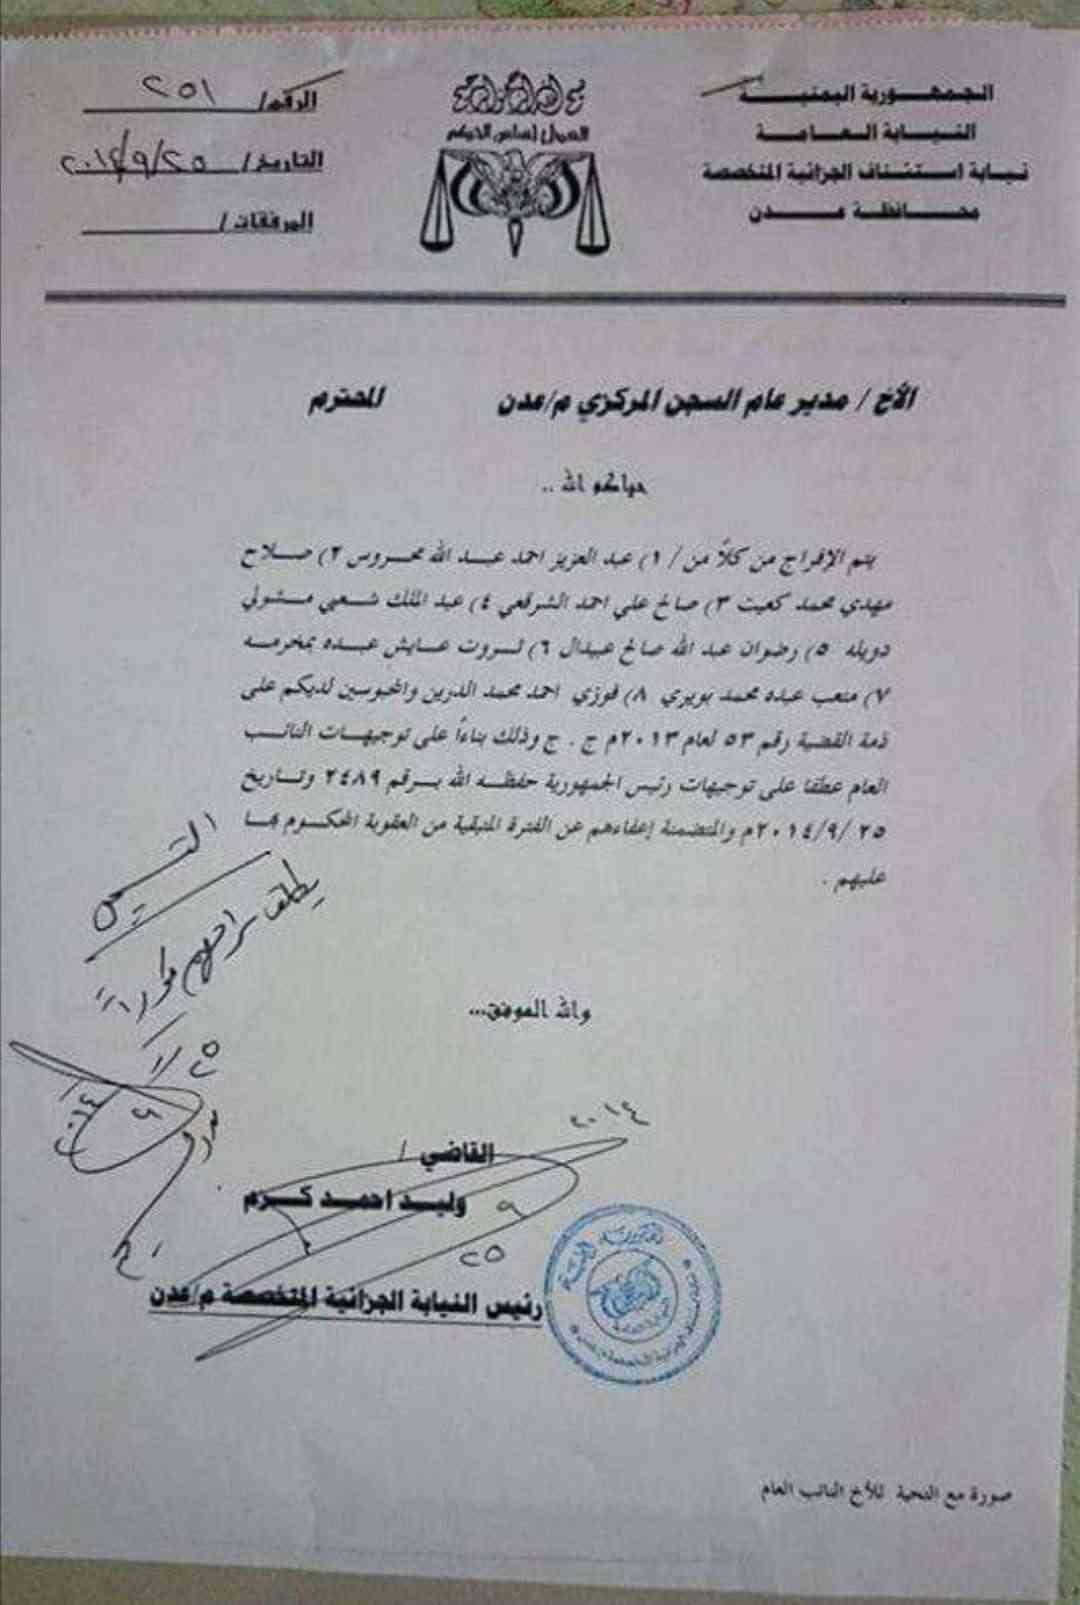 وثيقة تكشف أول ما فعله الحوثيون بعد إقتحام صنعاء.. شاهد